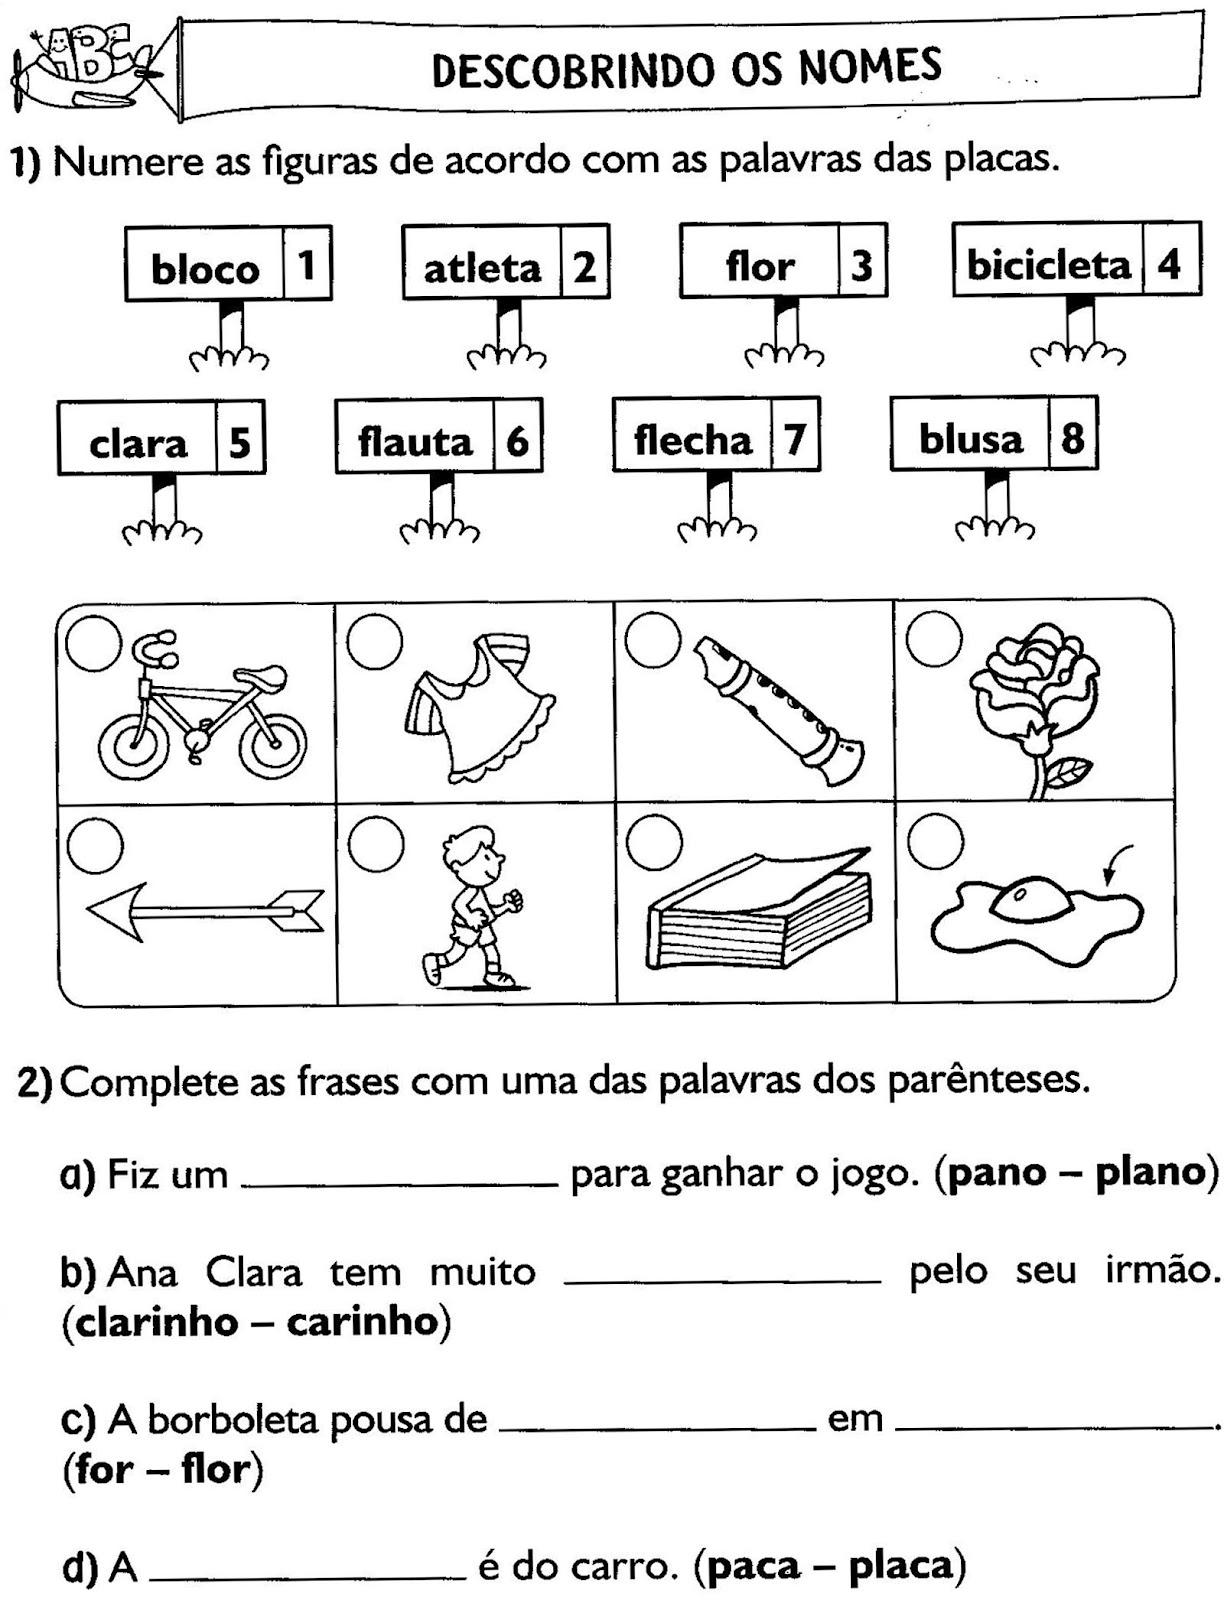 90 atividades de portugu u00eas do 3 u00ba ano ensino fundamental para imprimir